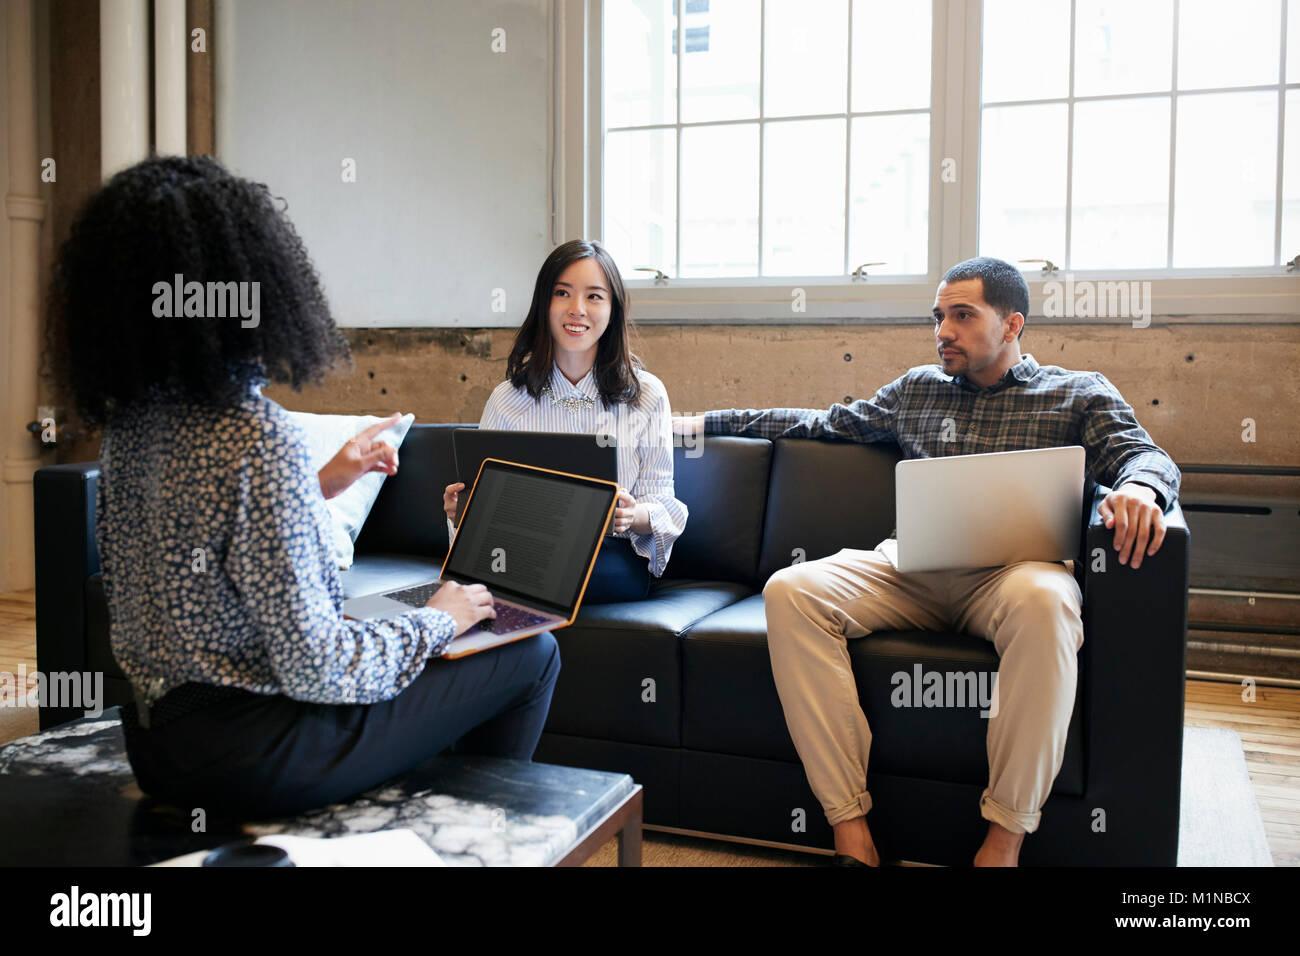 Tre giovani colleghi con computer portatili a un lavoro occasionale incontro Immagini Stock